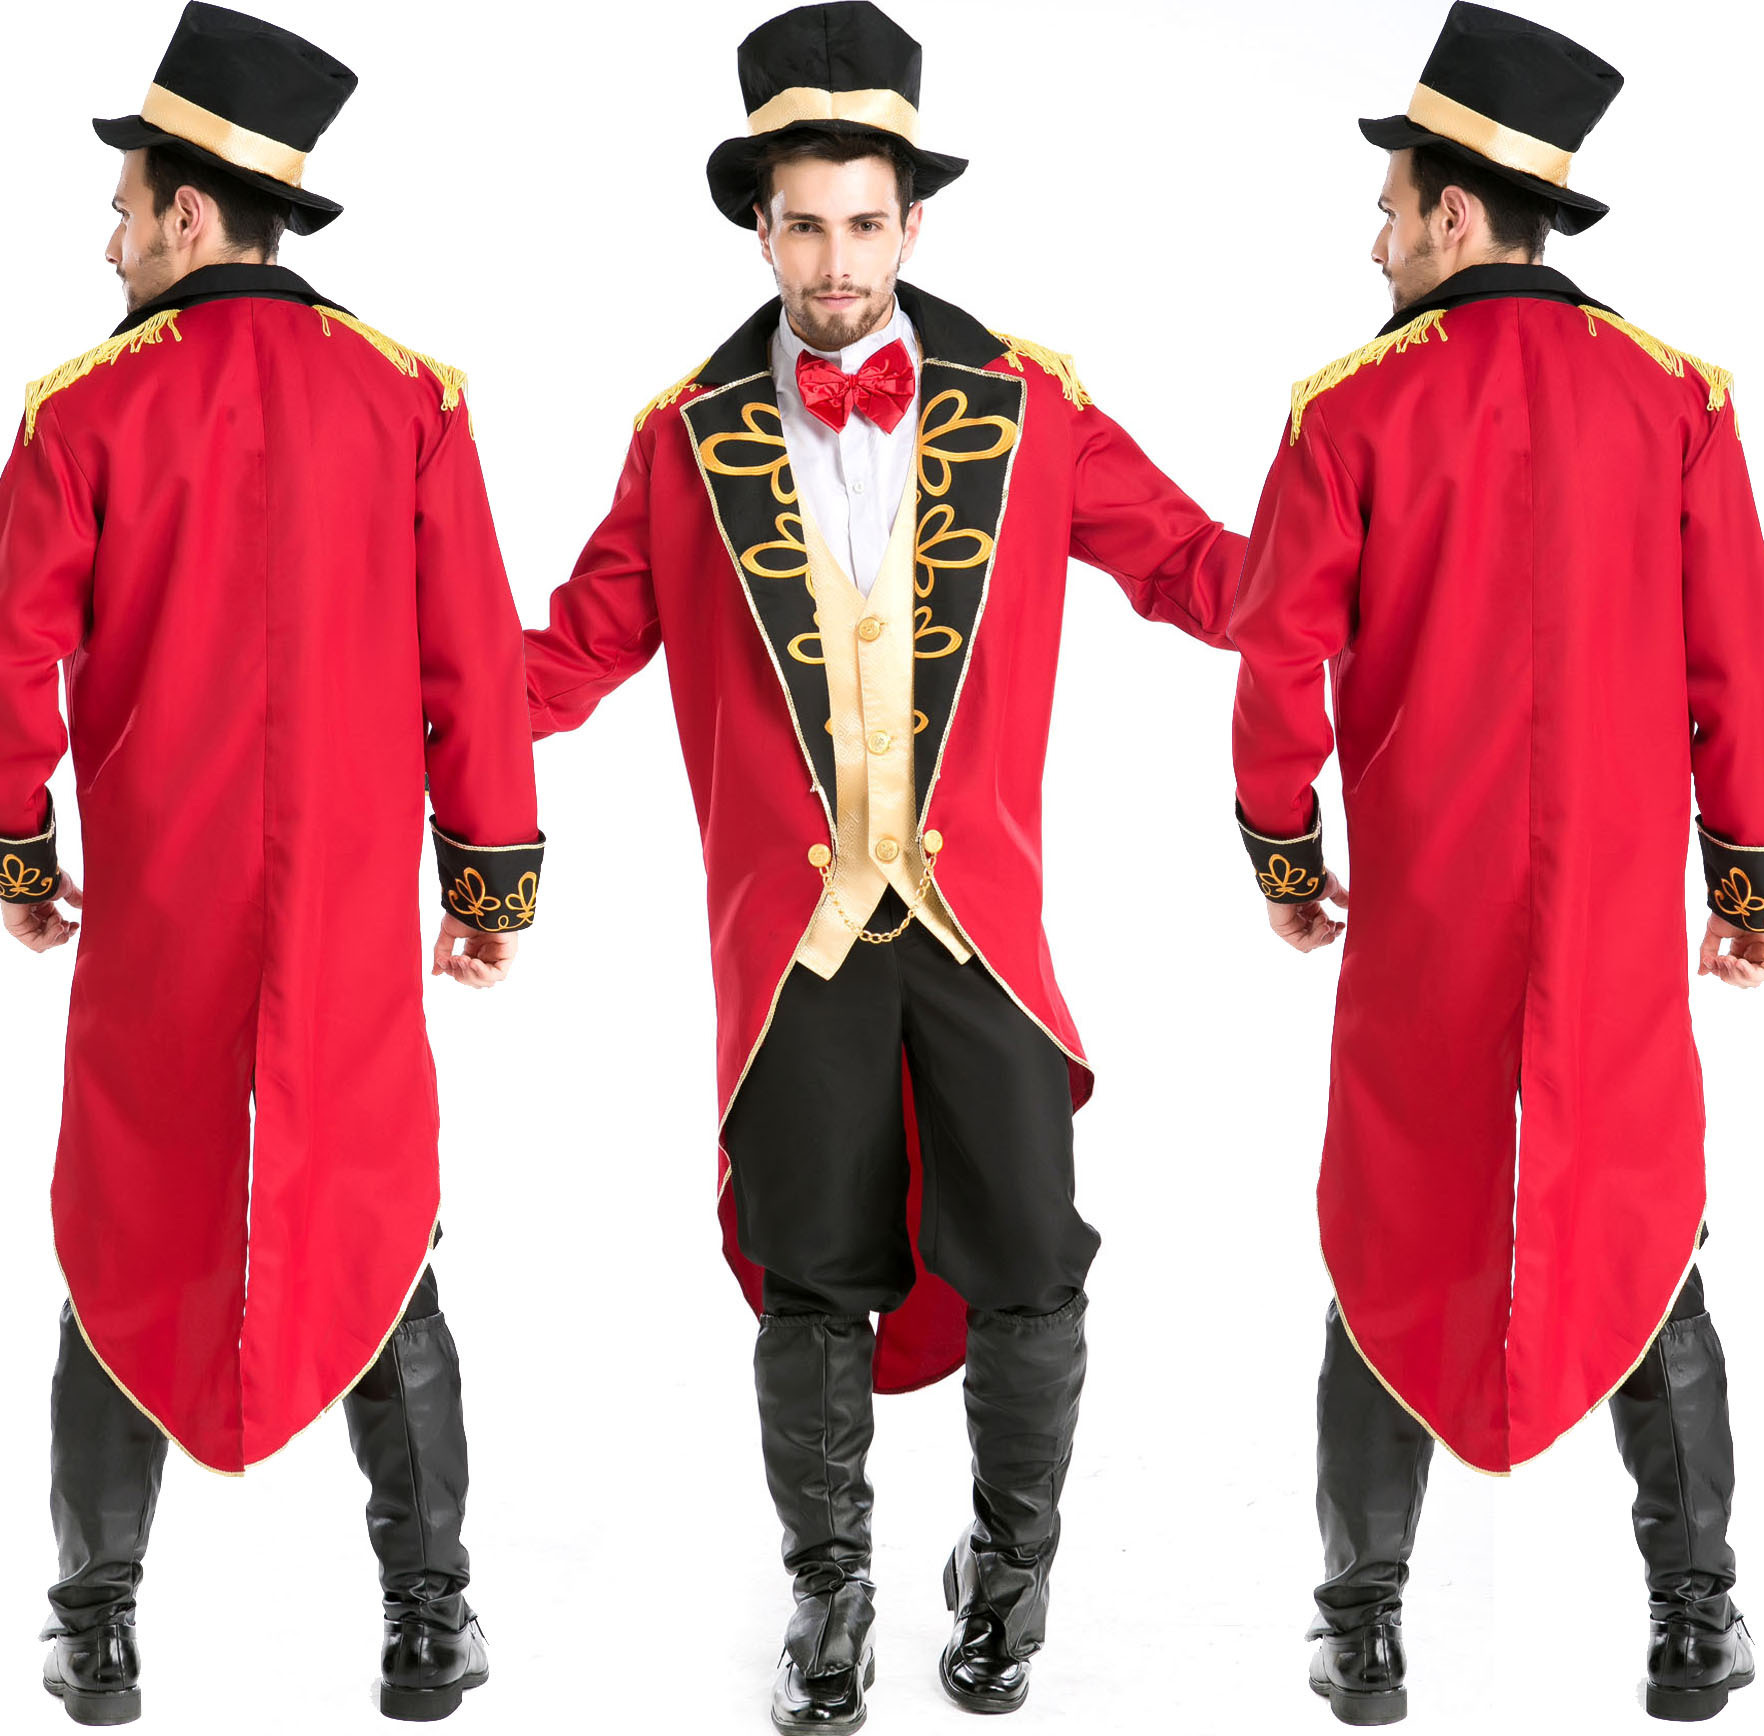 扬诚式魔术师表演服装角色扮演万圣节制服游戏舞台服演出服装男